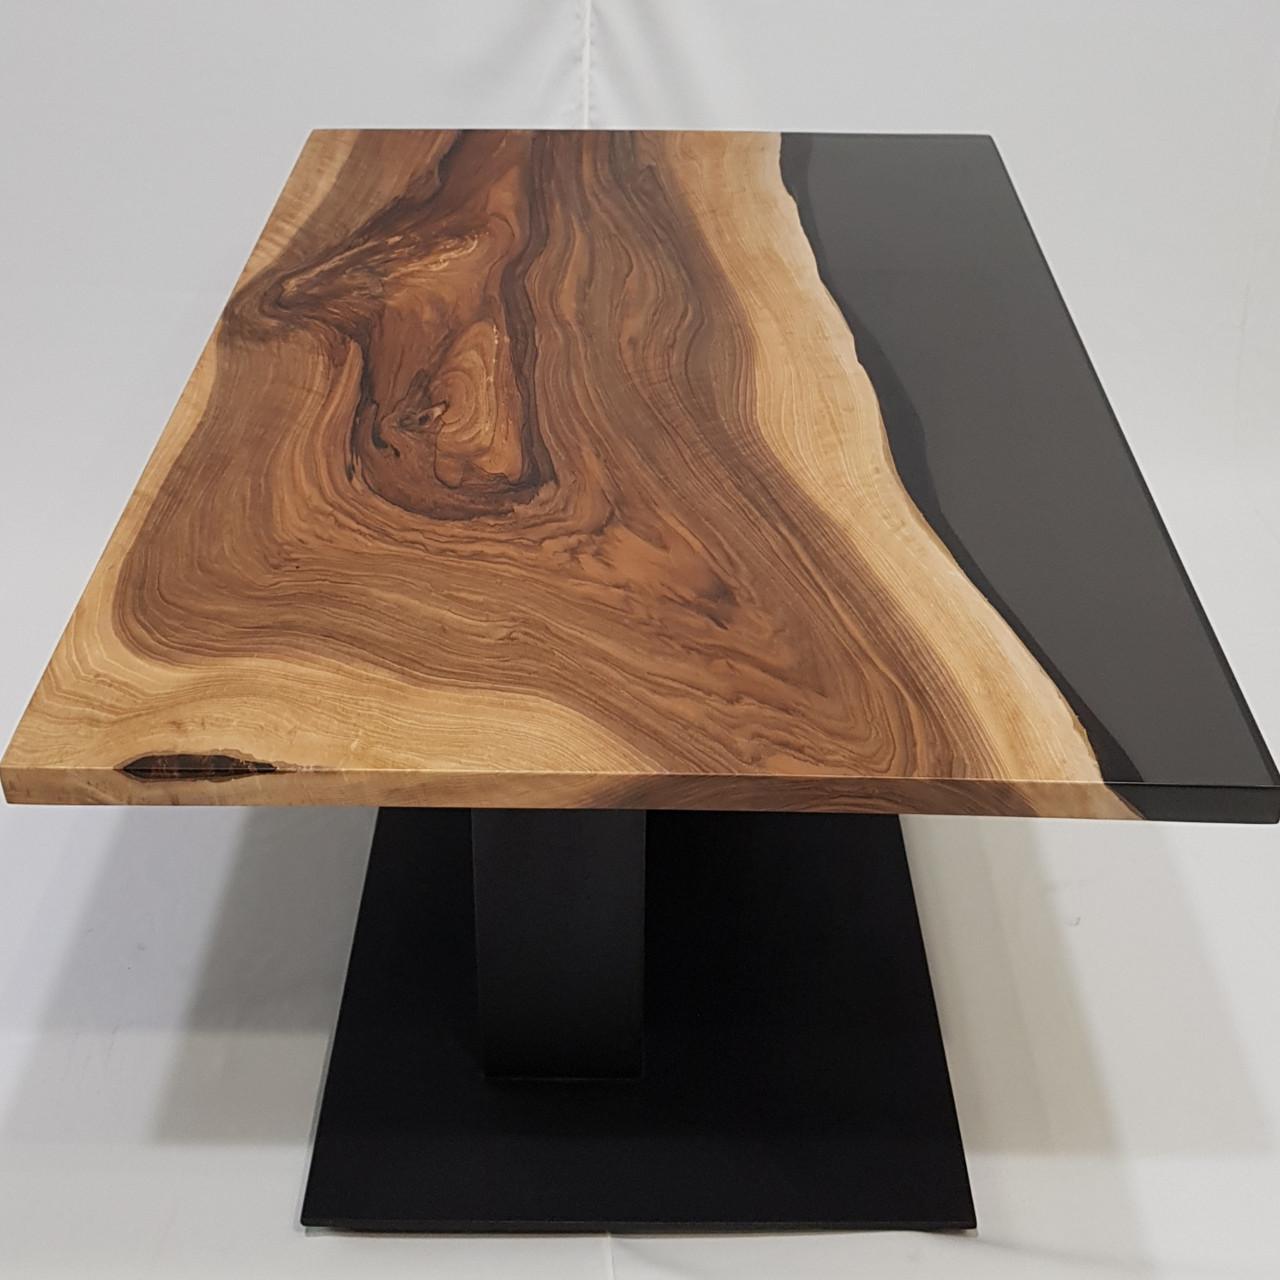 Журнальный стол из массива ореха  и эпоксдной смолы серого цвета. Размер 900×590×25 мм. Высота 48 см